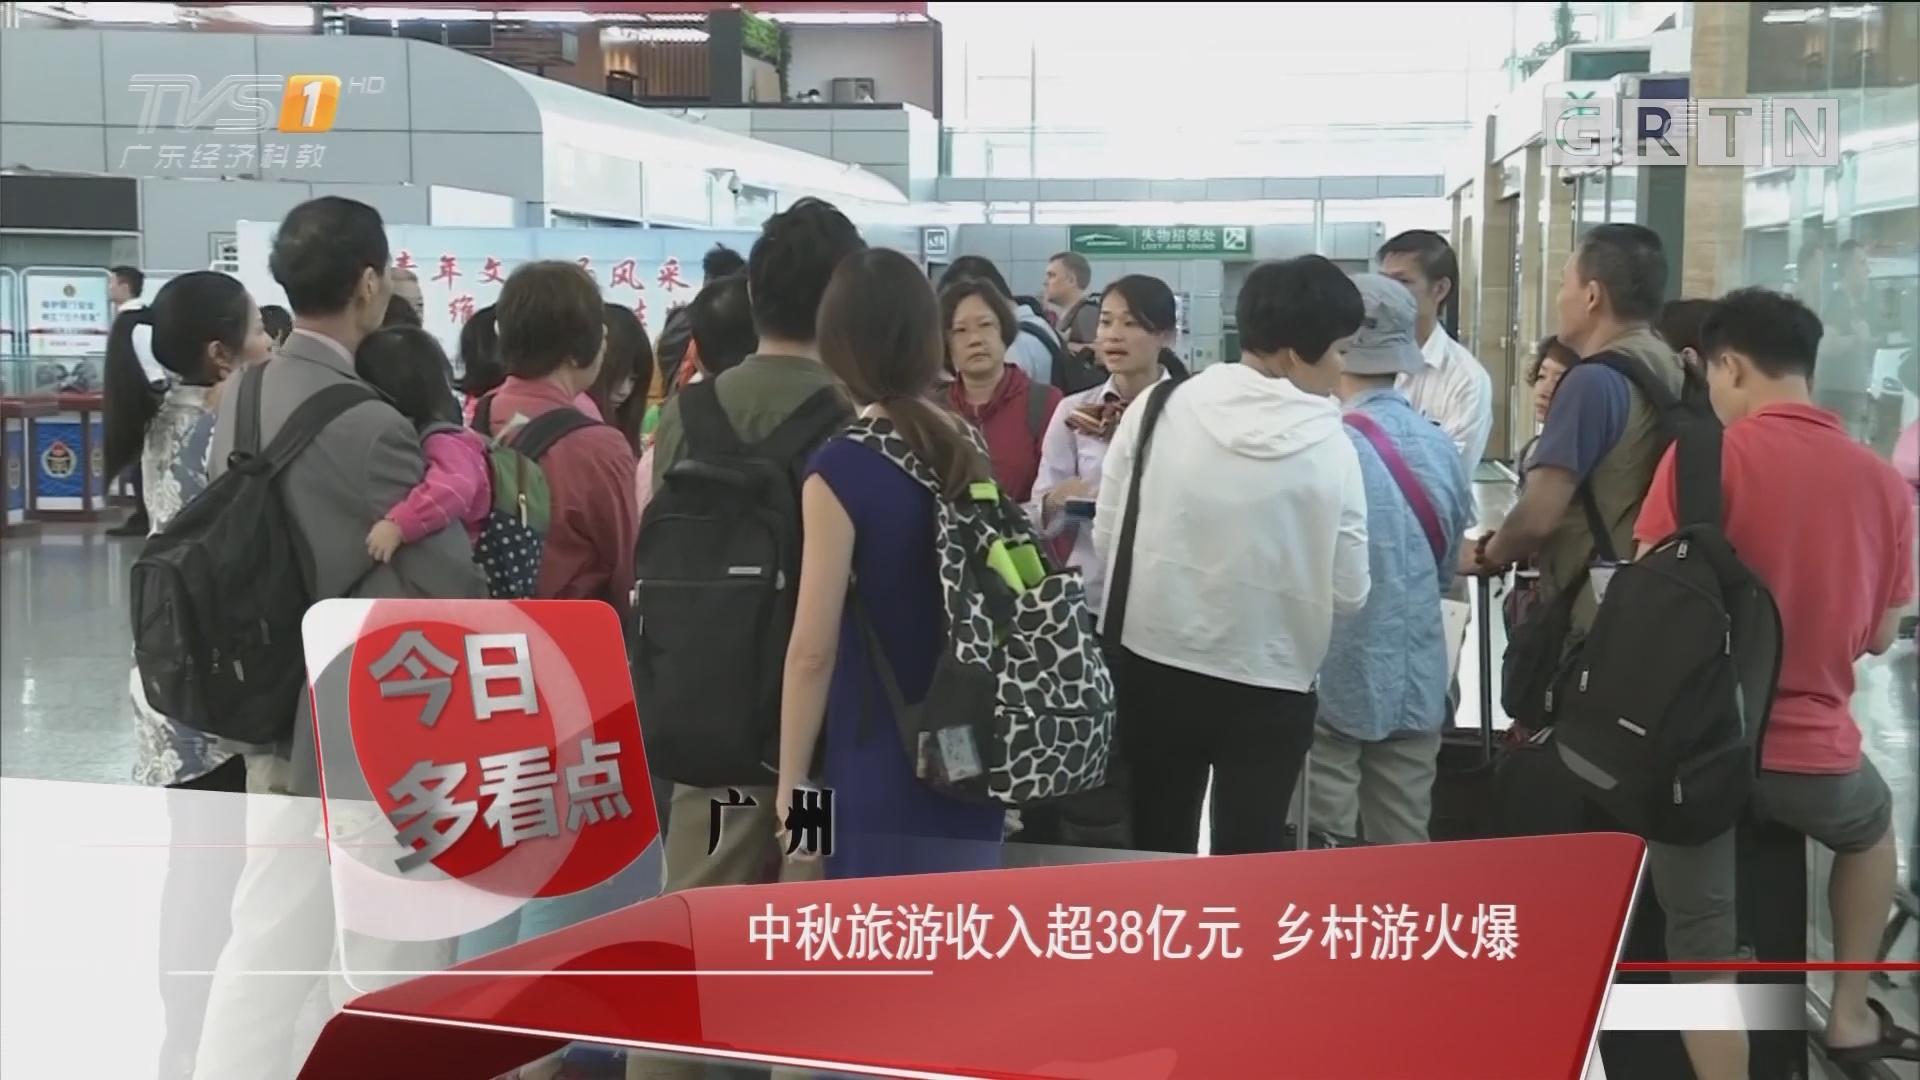 广州 中秋旅游收入超38亿元 乡村游火爆